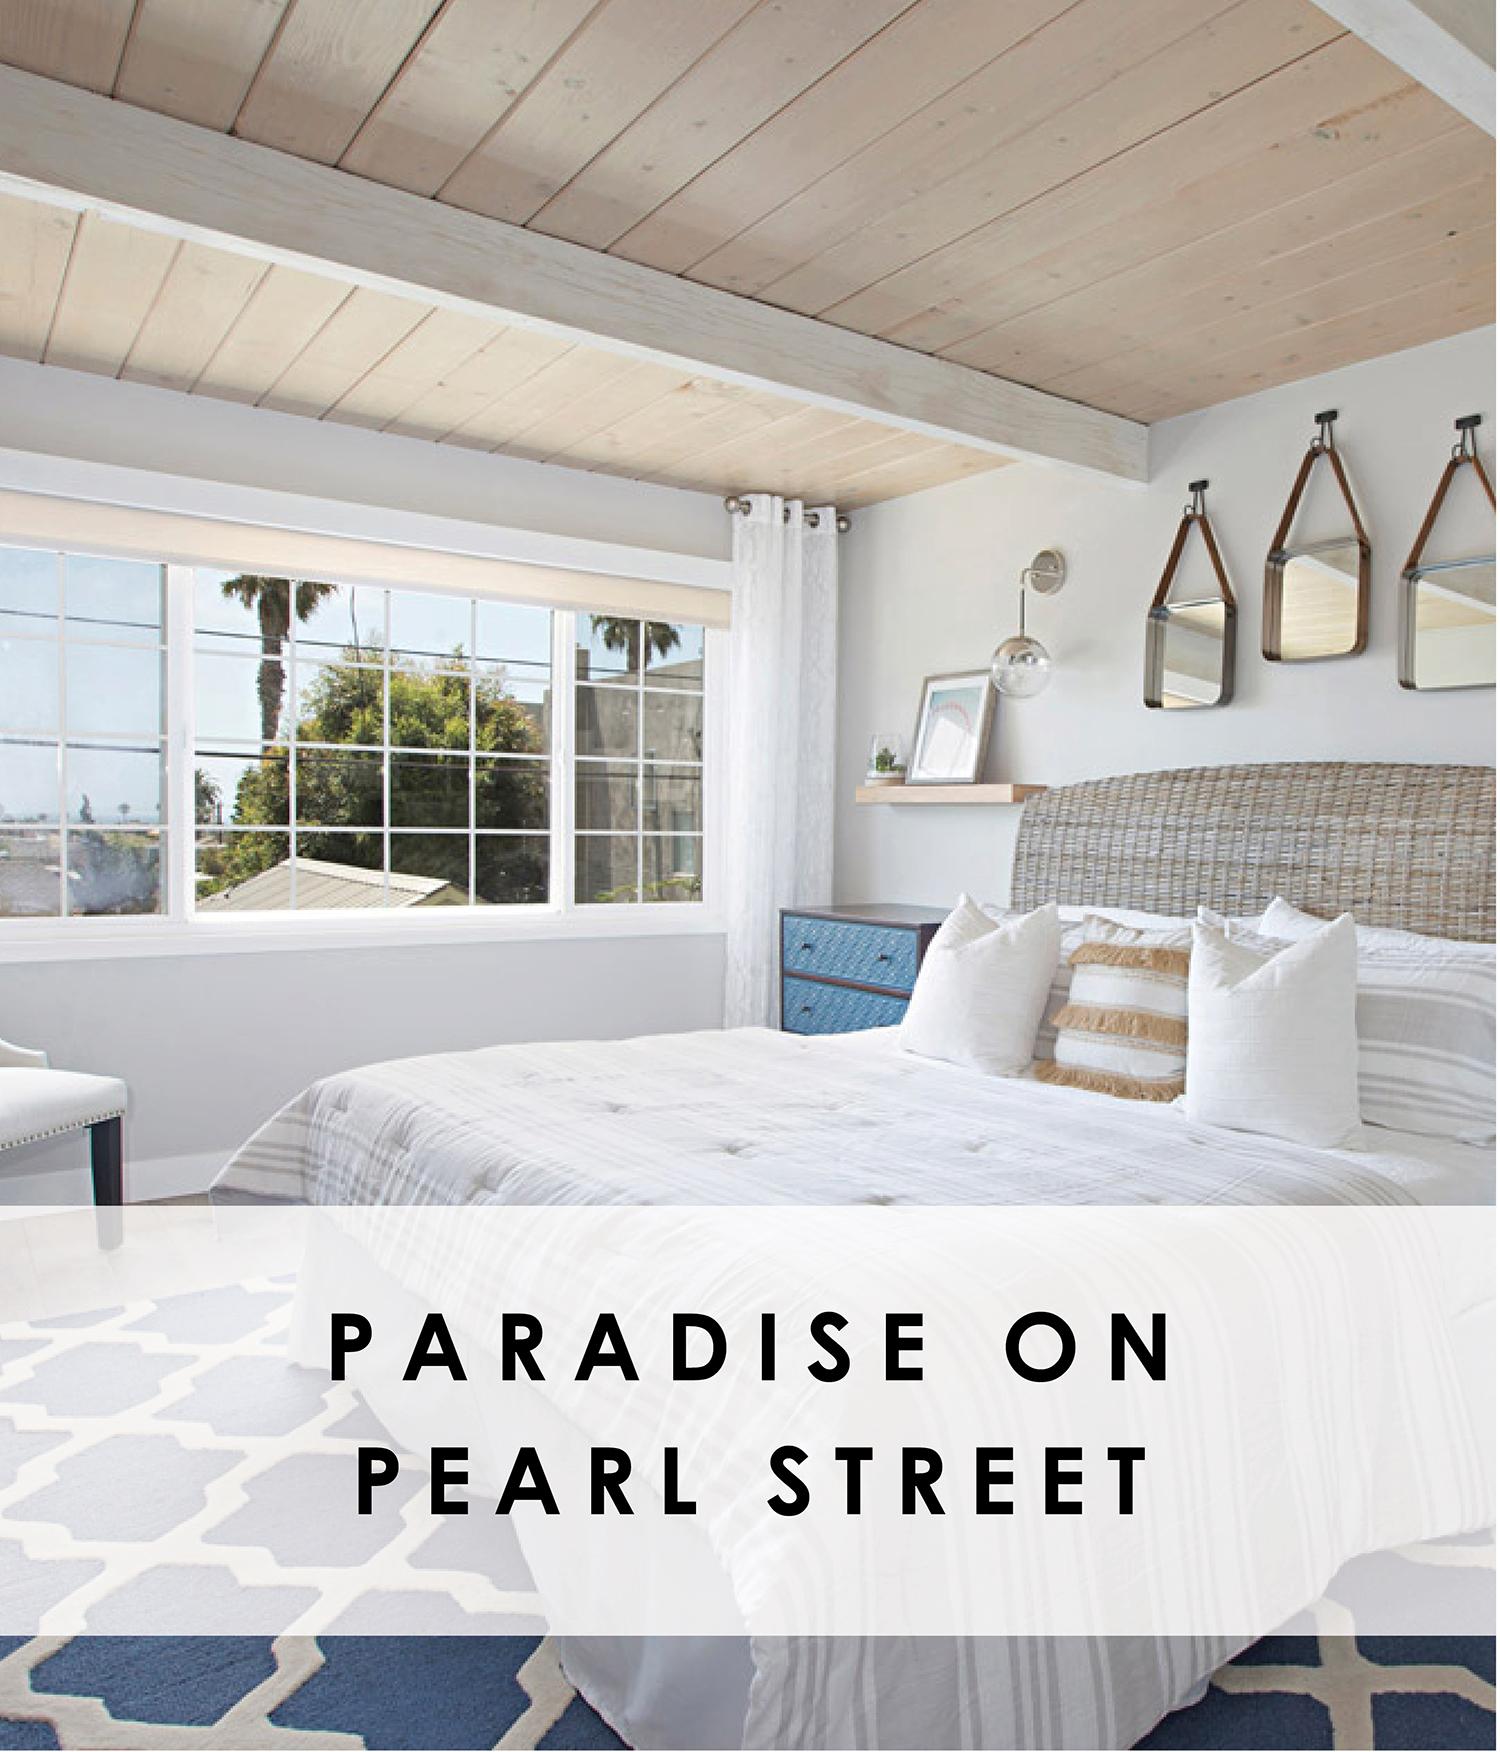 Paradise on Pearl Street.jpg